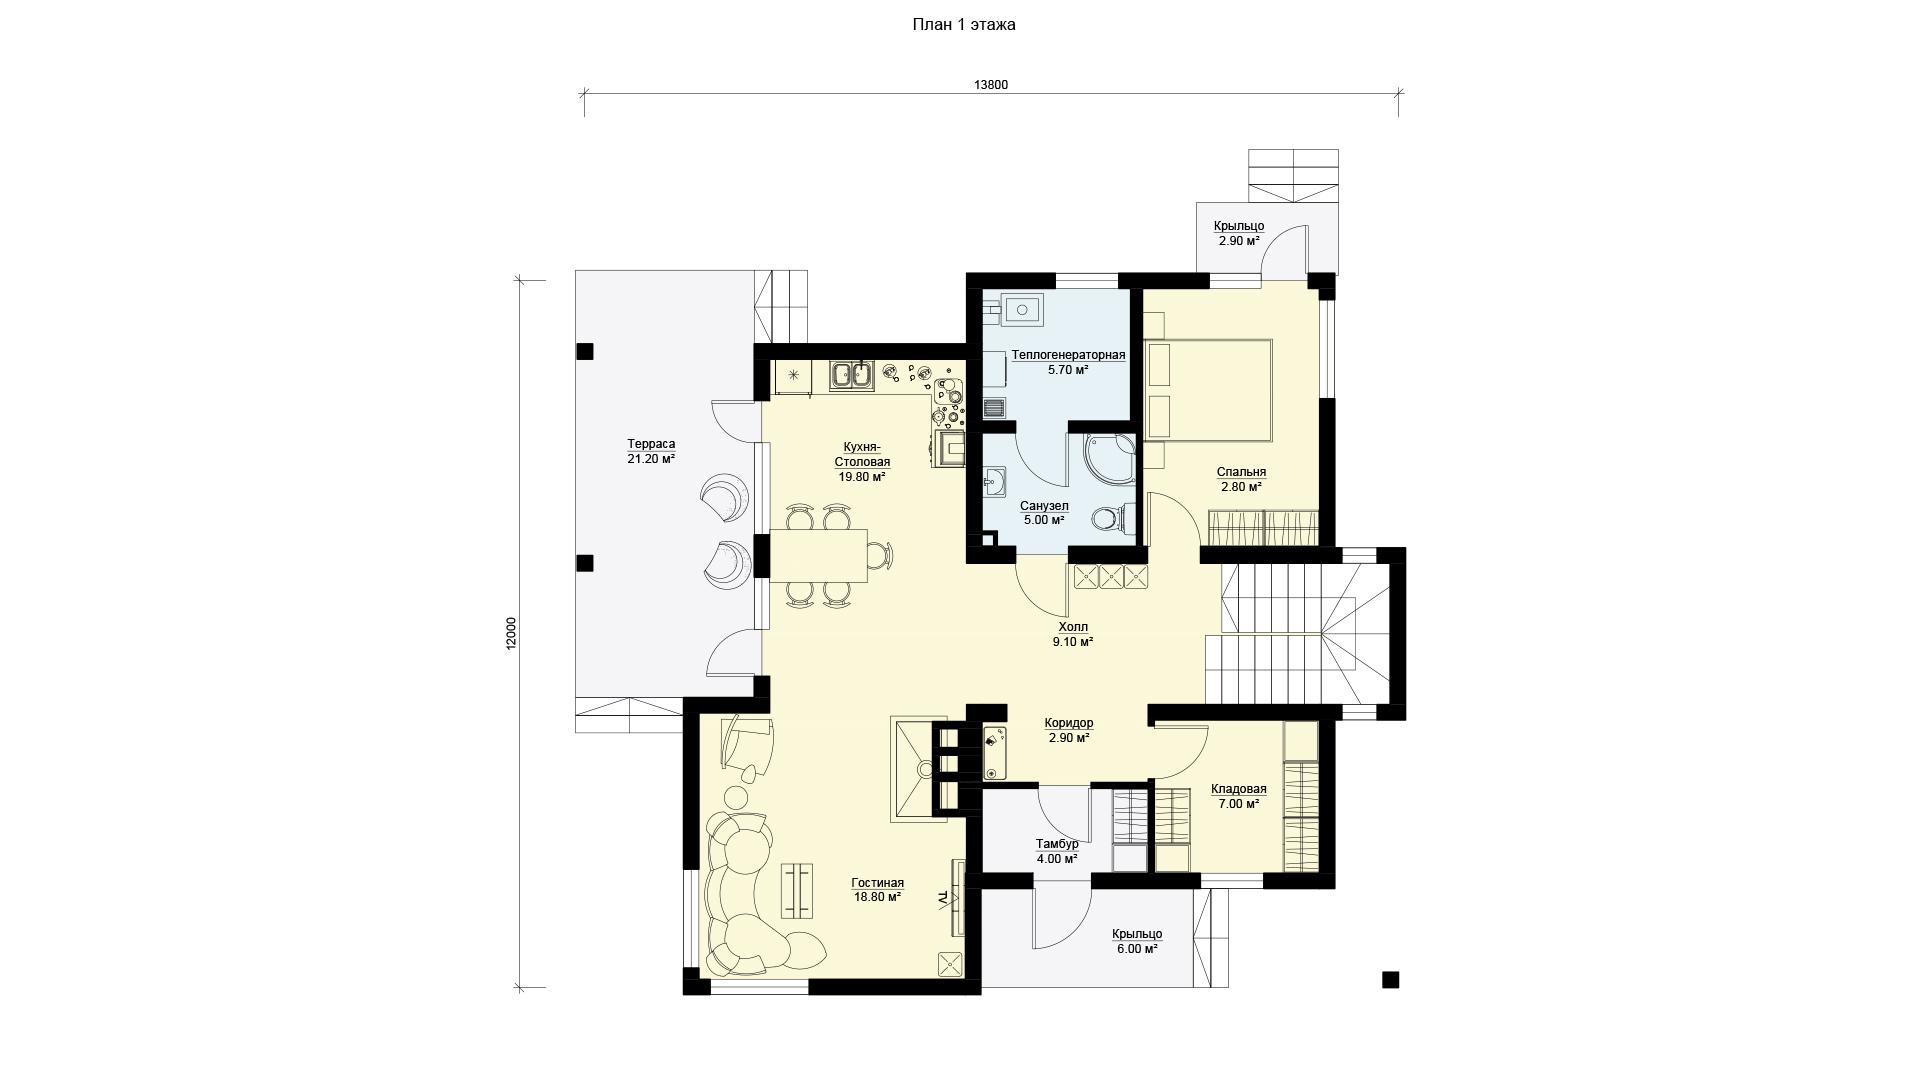 План первого этажа двухэтажного дома с эксплуатируемой крышей, проект БЭНПАН МС-247.